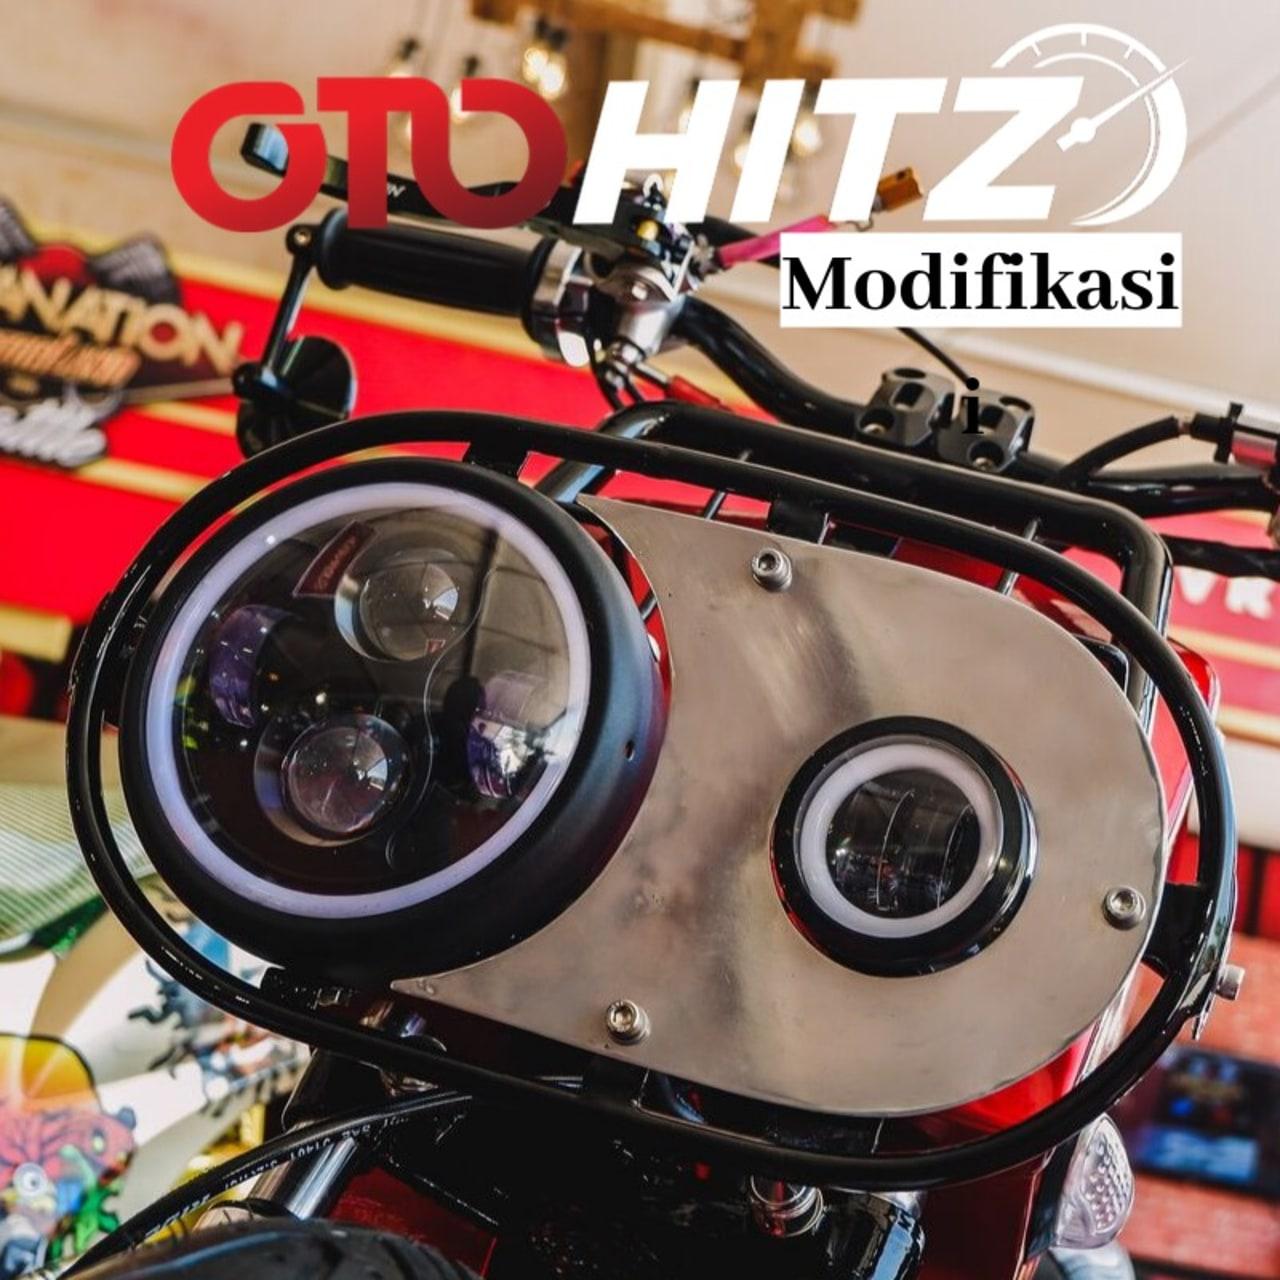 OTOHITZ-Modifikasi